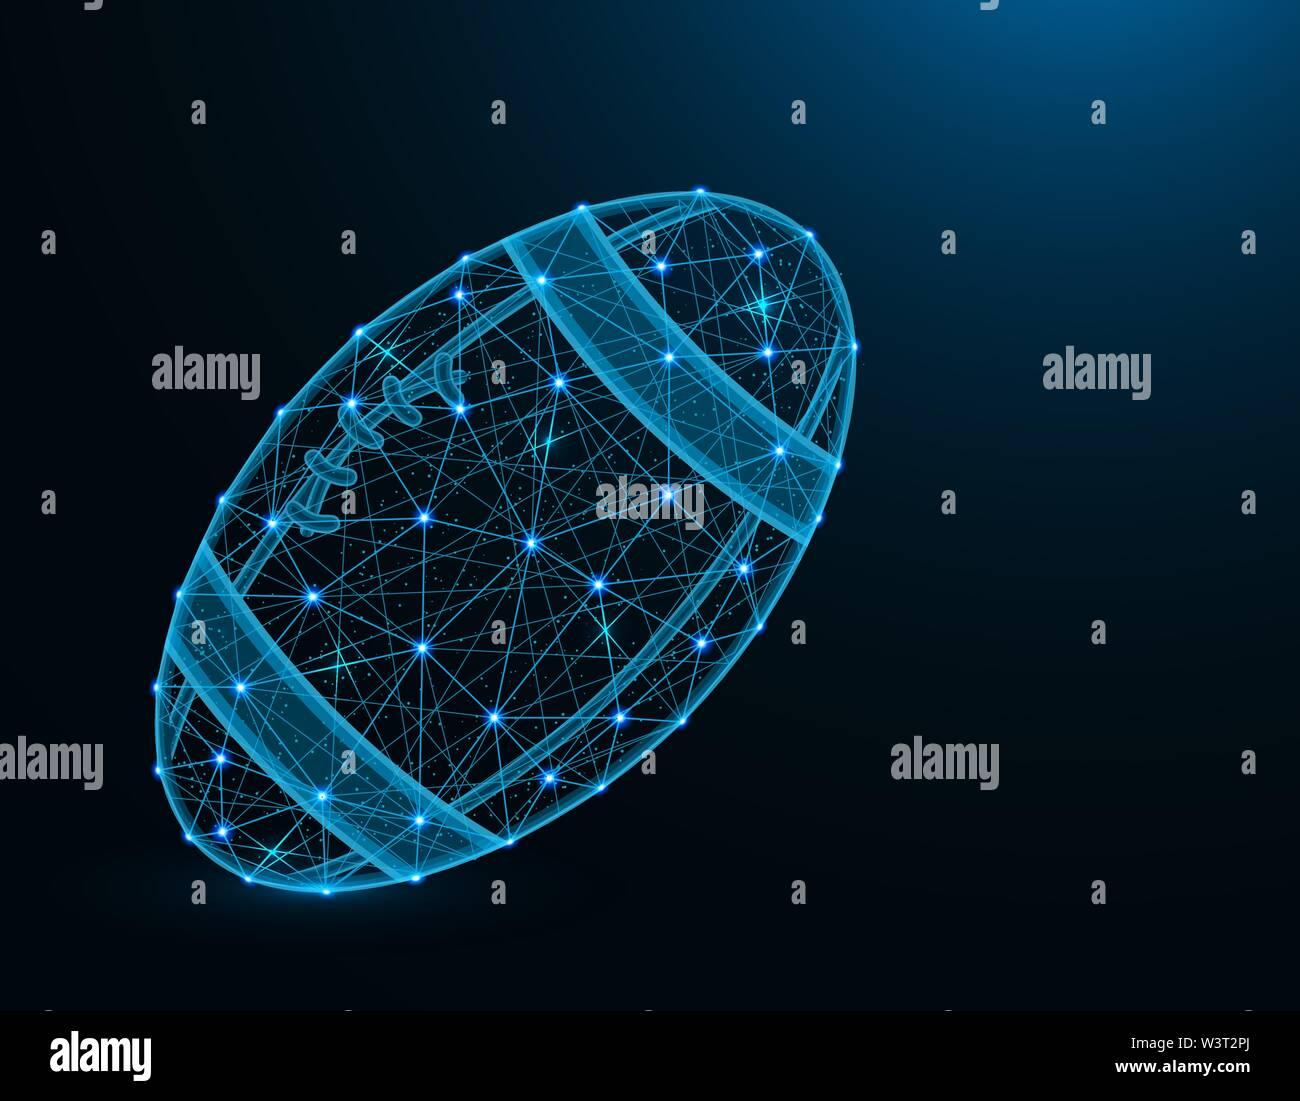 Ballon de Rugby low poly jeu de sport, modèle abstract graphics, le football américain, wireframe polygonale vector illustration sur fond bleu foncé Photo Stock